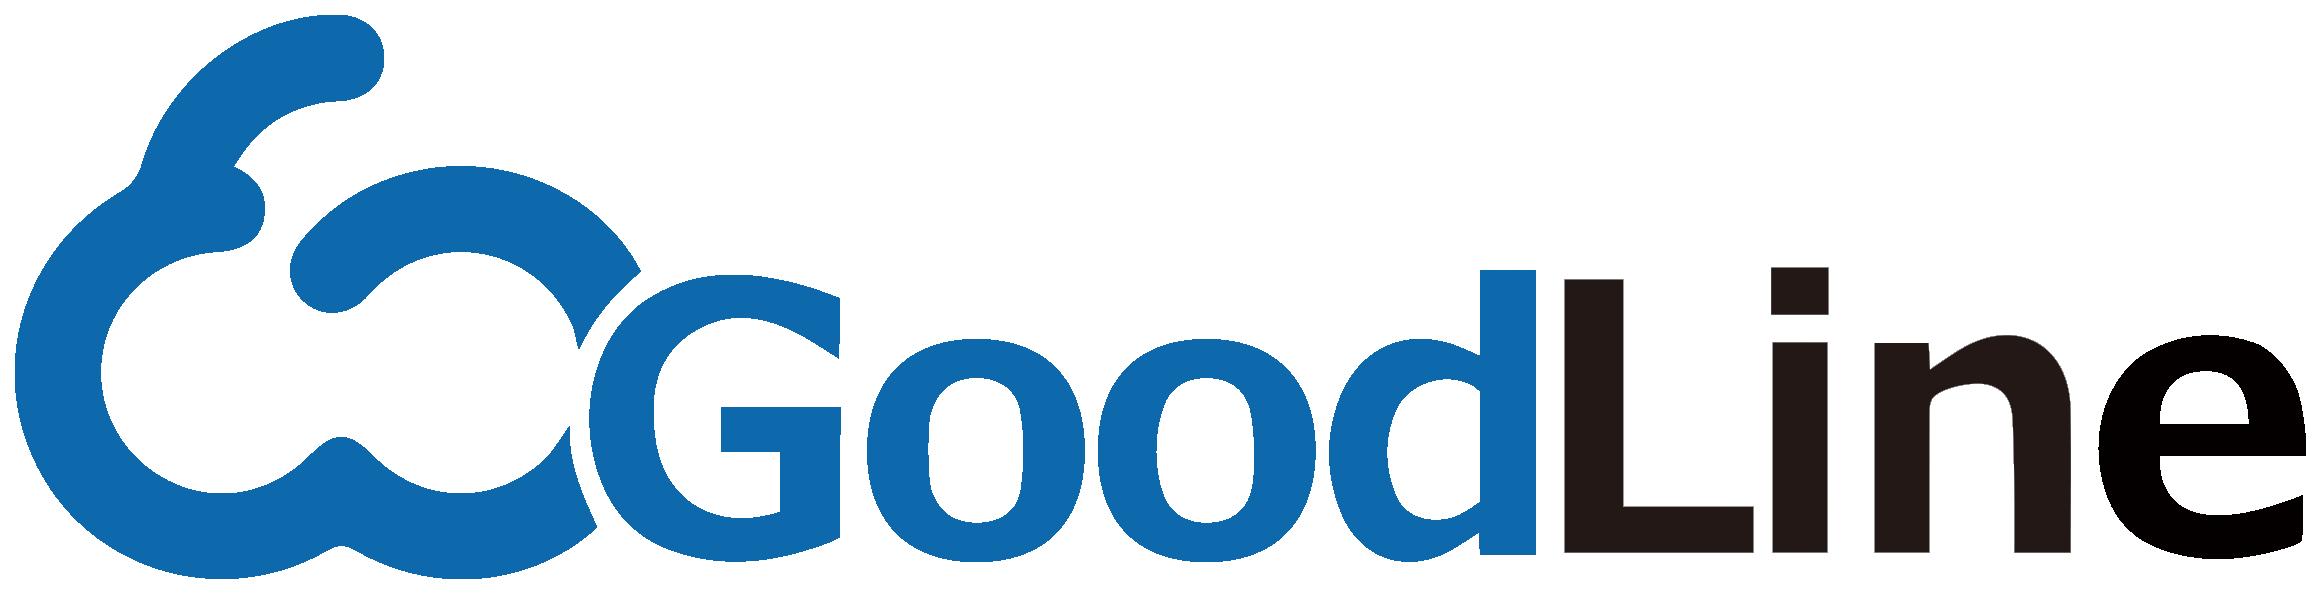 GoodLine|クラウドPBX・クラウド型ビジネスフォン